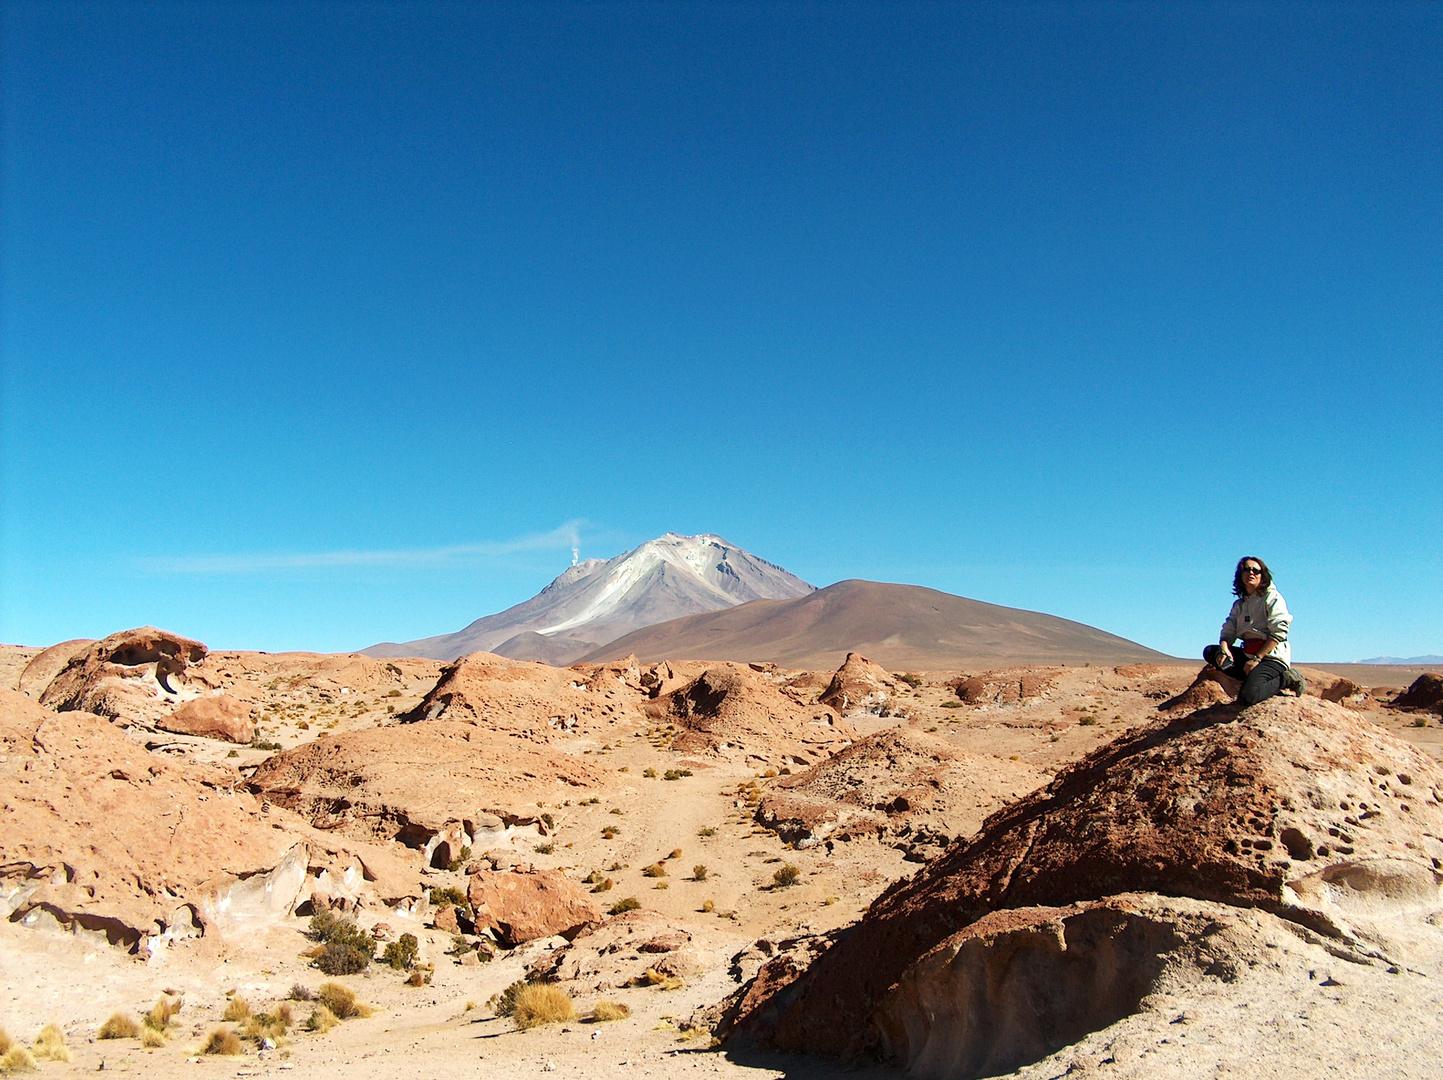 Bolivia Deserti Montani